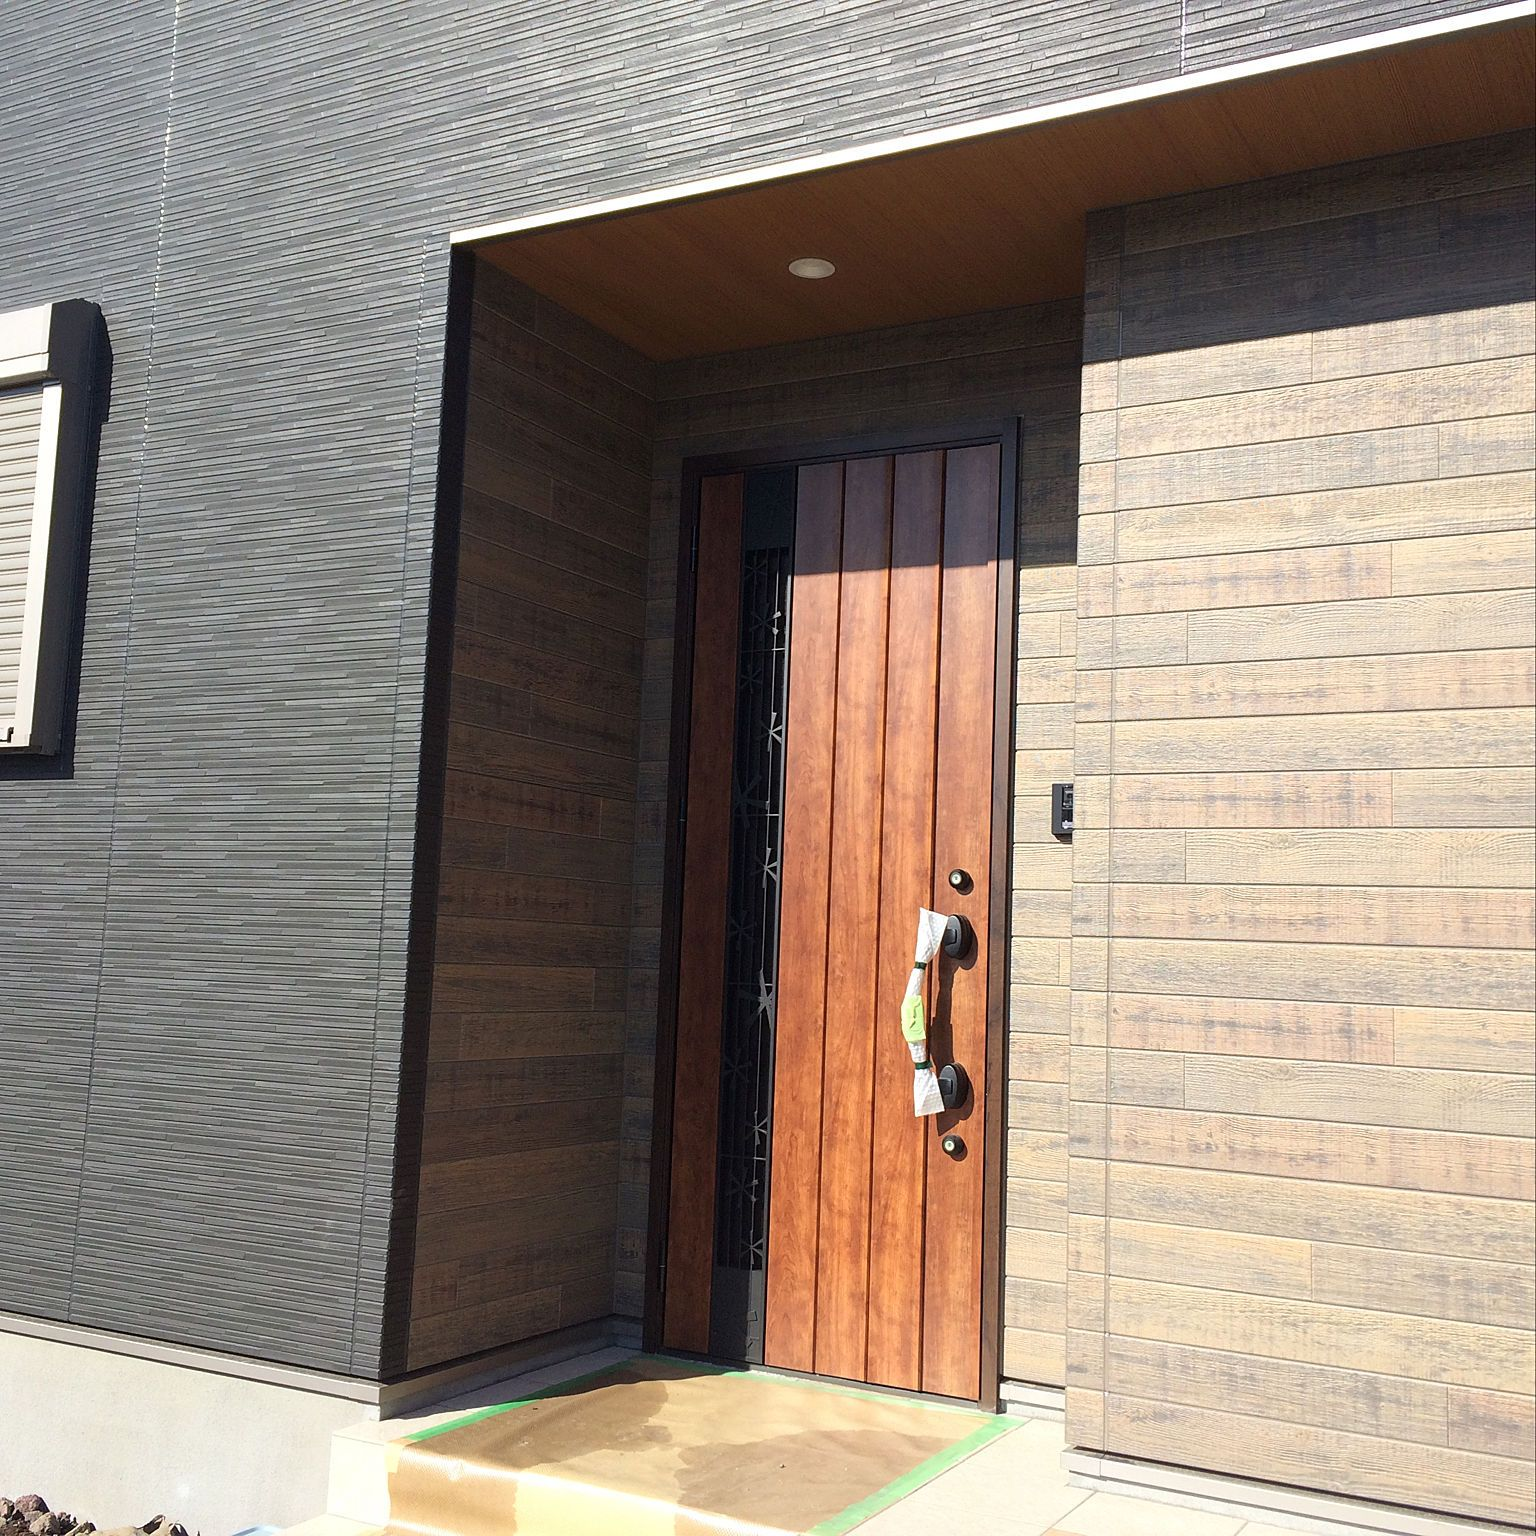 玄関 入り口 ウッド ケイミュー 外壁は黒 外壁 などのインテリア実例 2018 03 07 07 12 56 Roomclip ルームクリップ 玄関 家 外観 家 外観 色